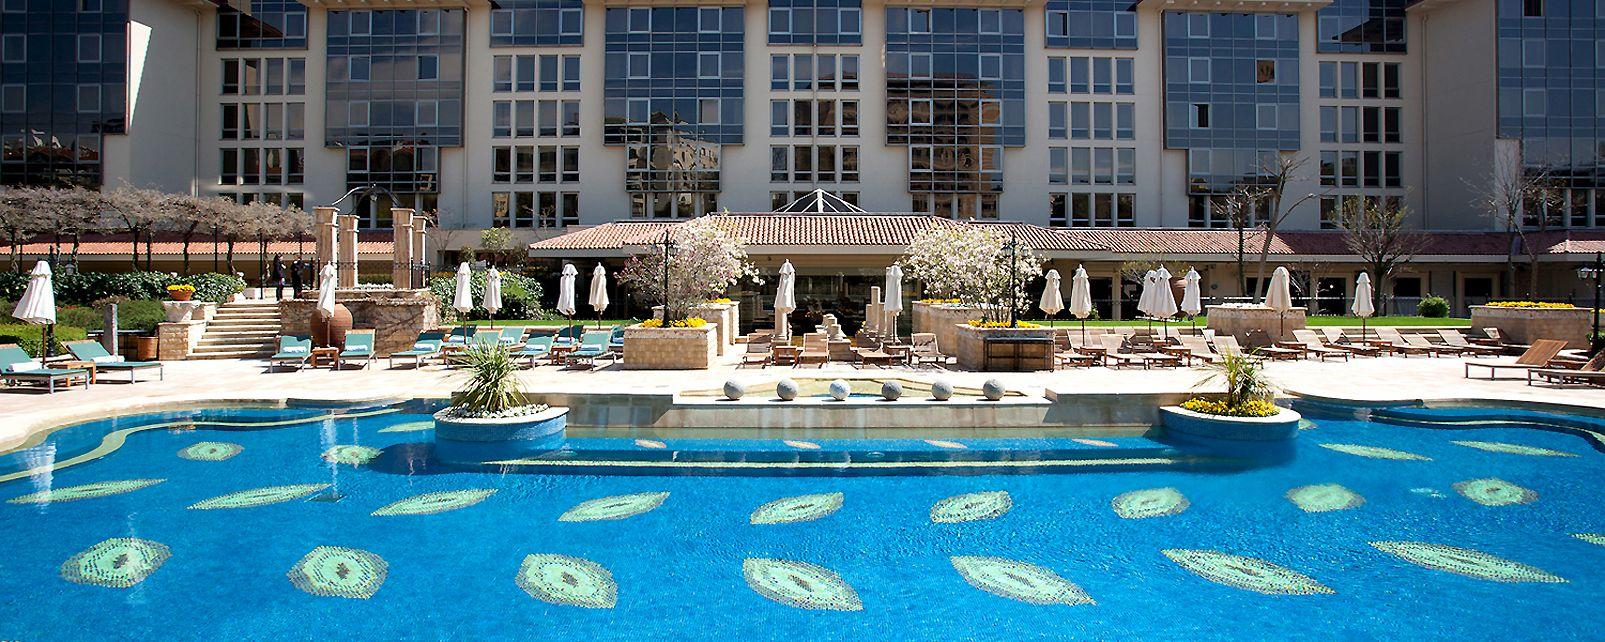 Hôtel Grand Hyatt